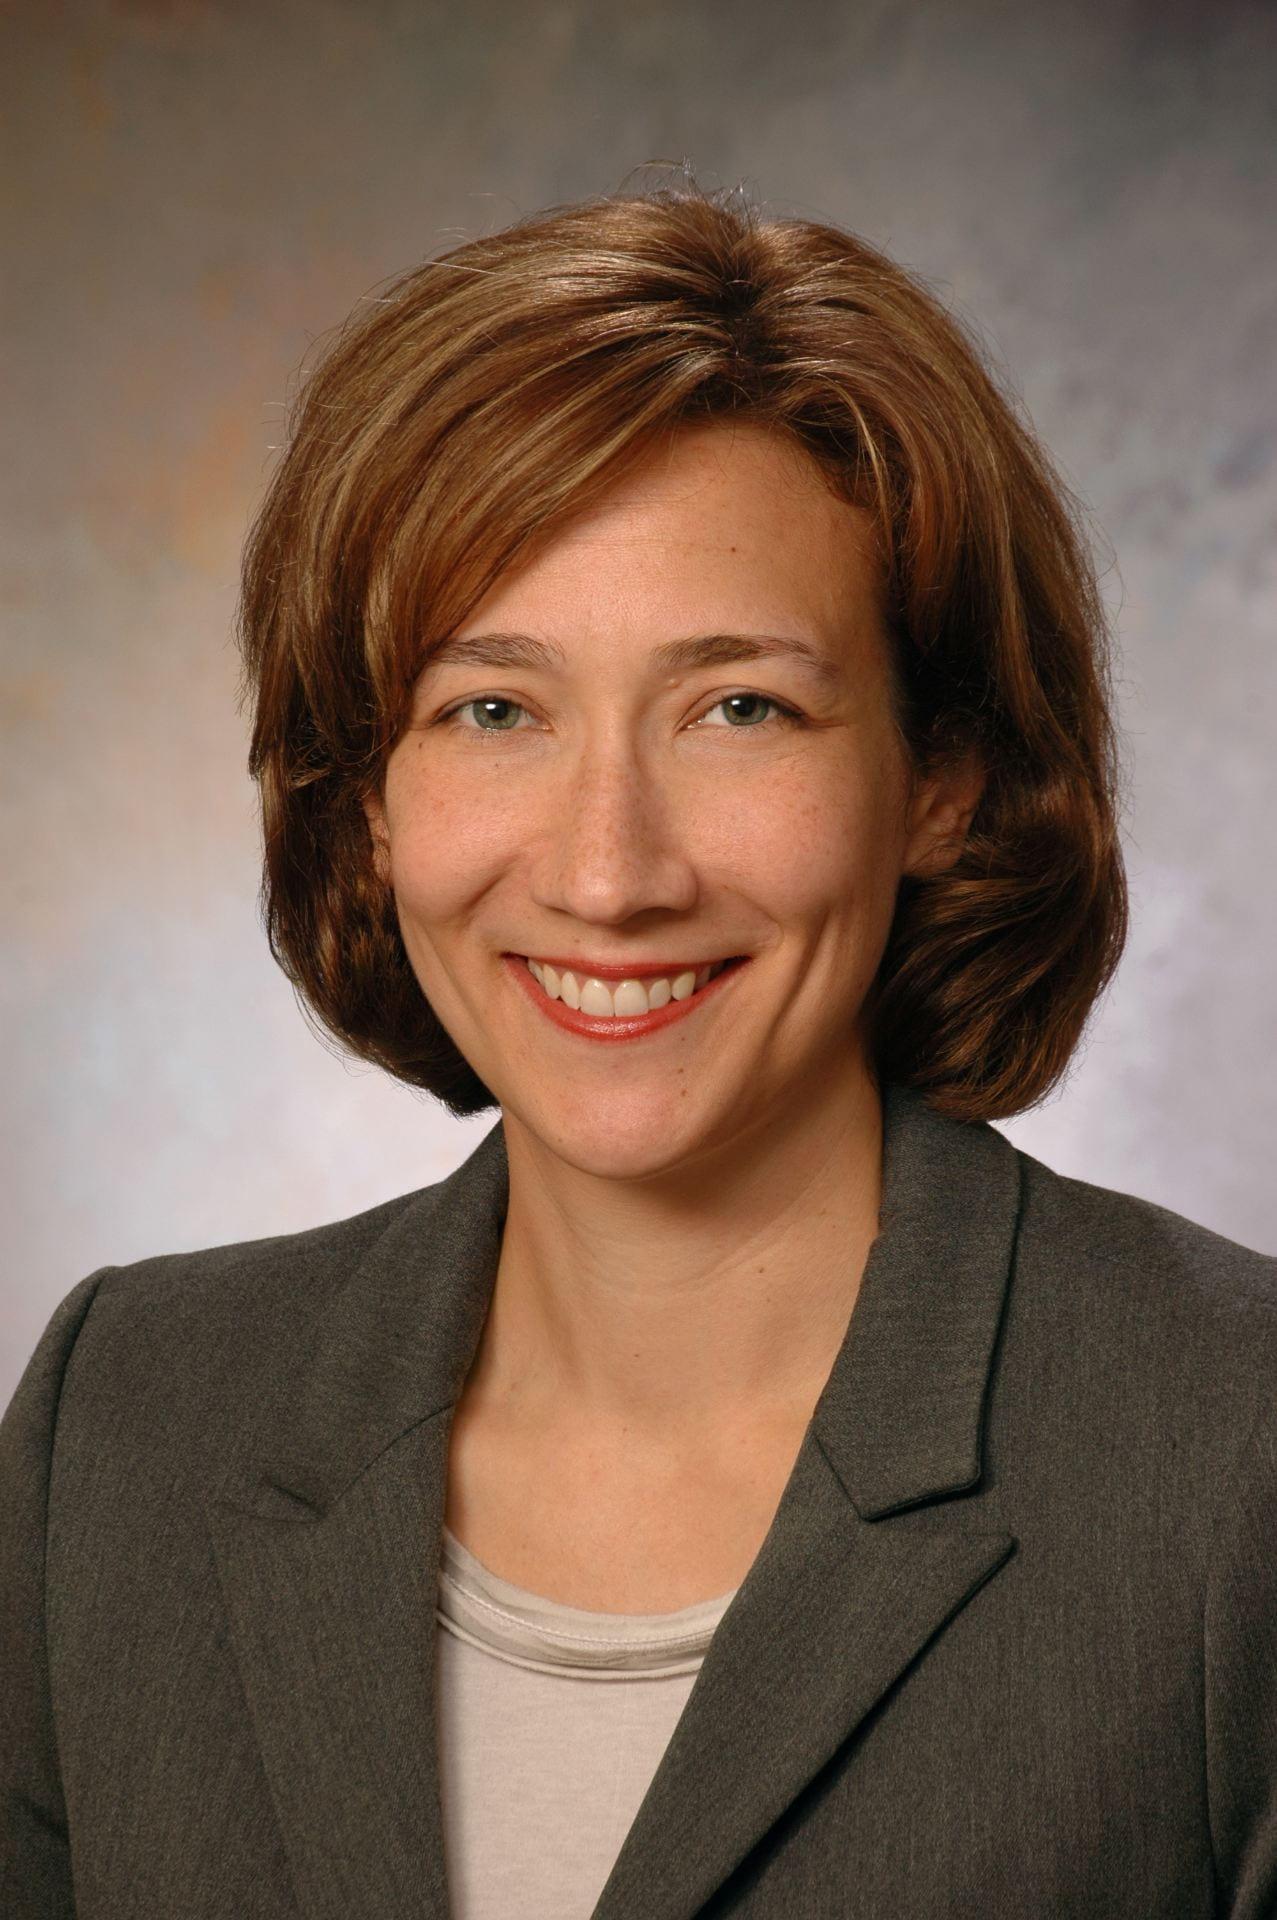 Dr. Sarah keedy